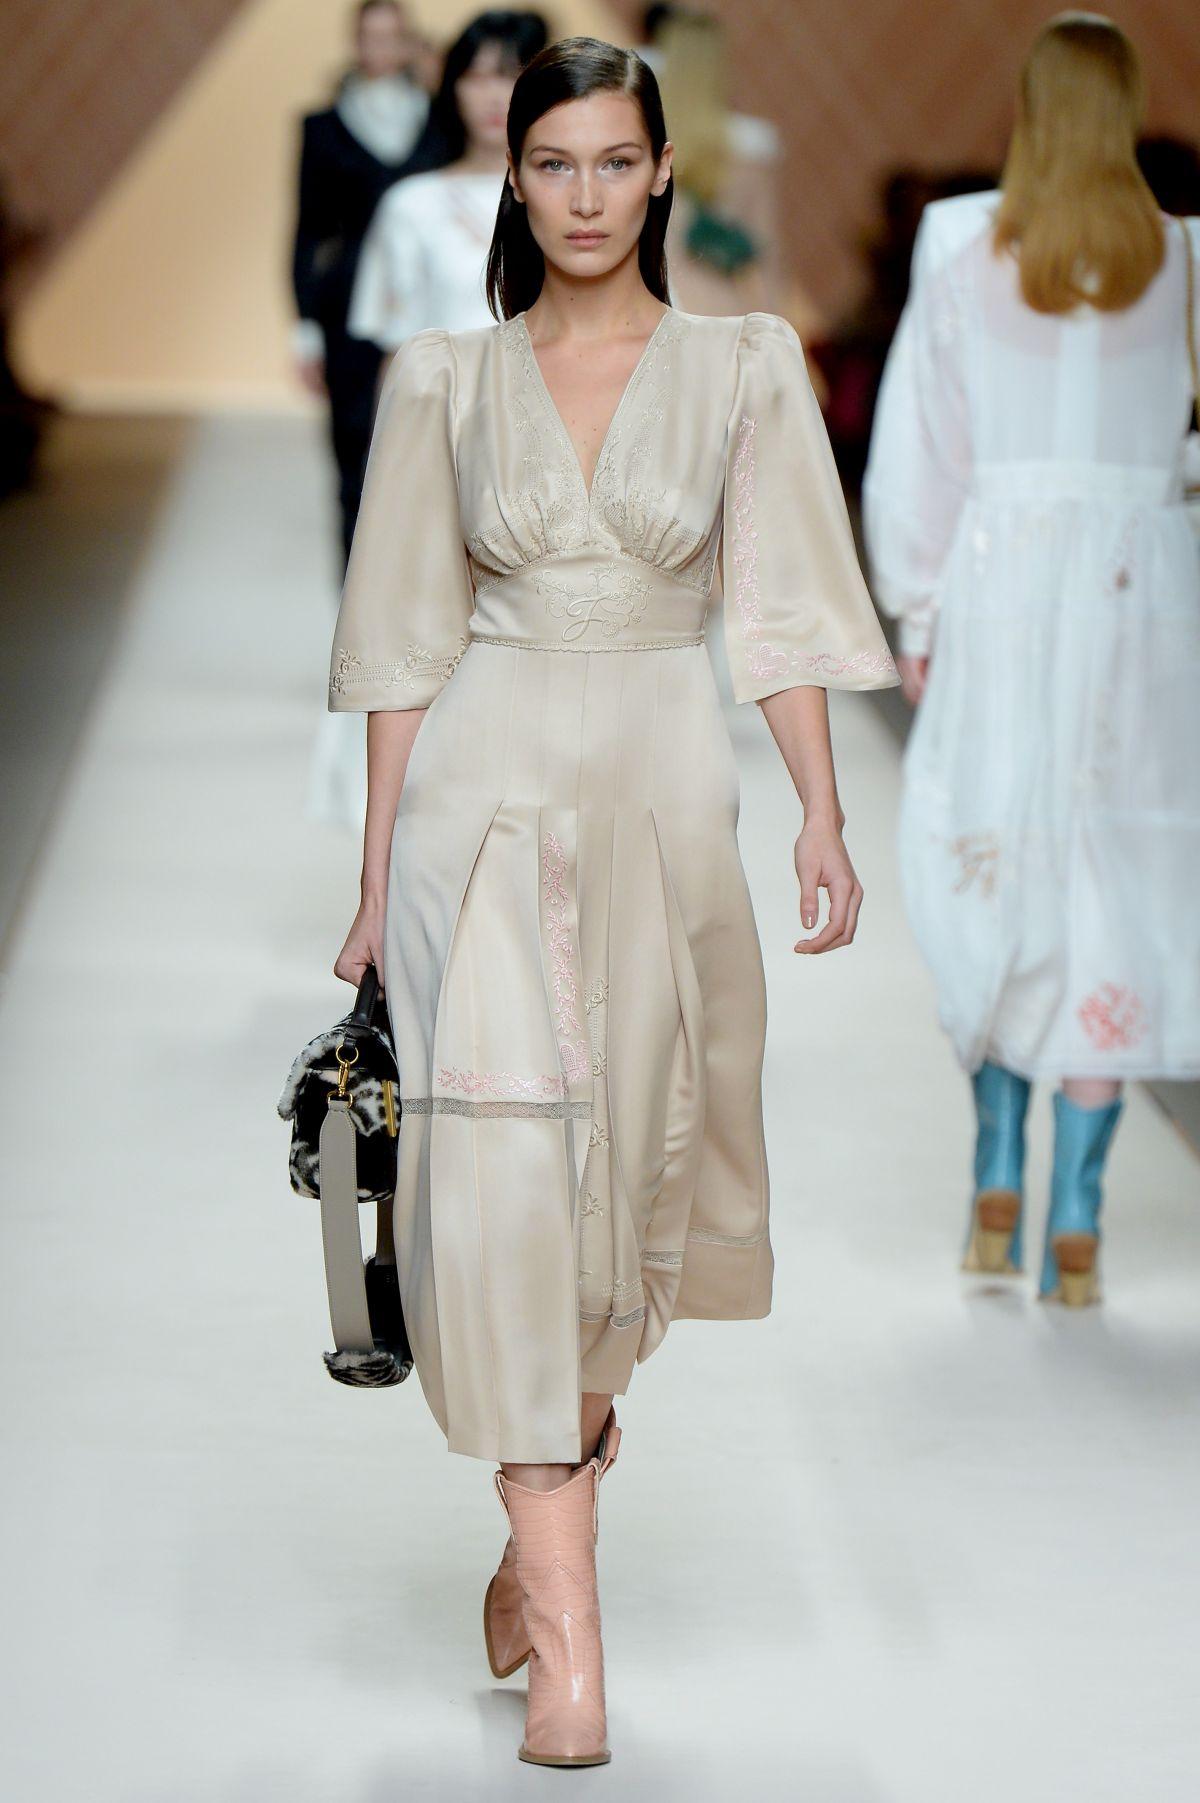 f8278e746053 BELLA HADID at Fendi Fall Winter Runway Show at Milan Fashion Week 02 22